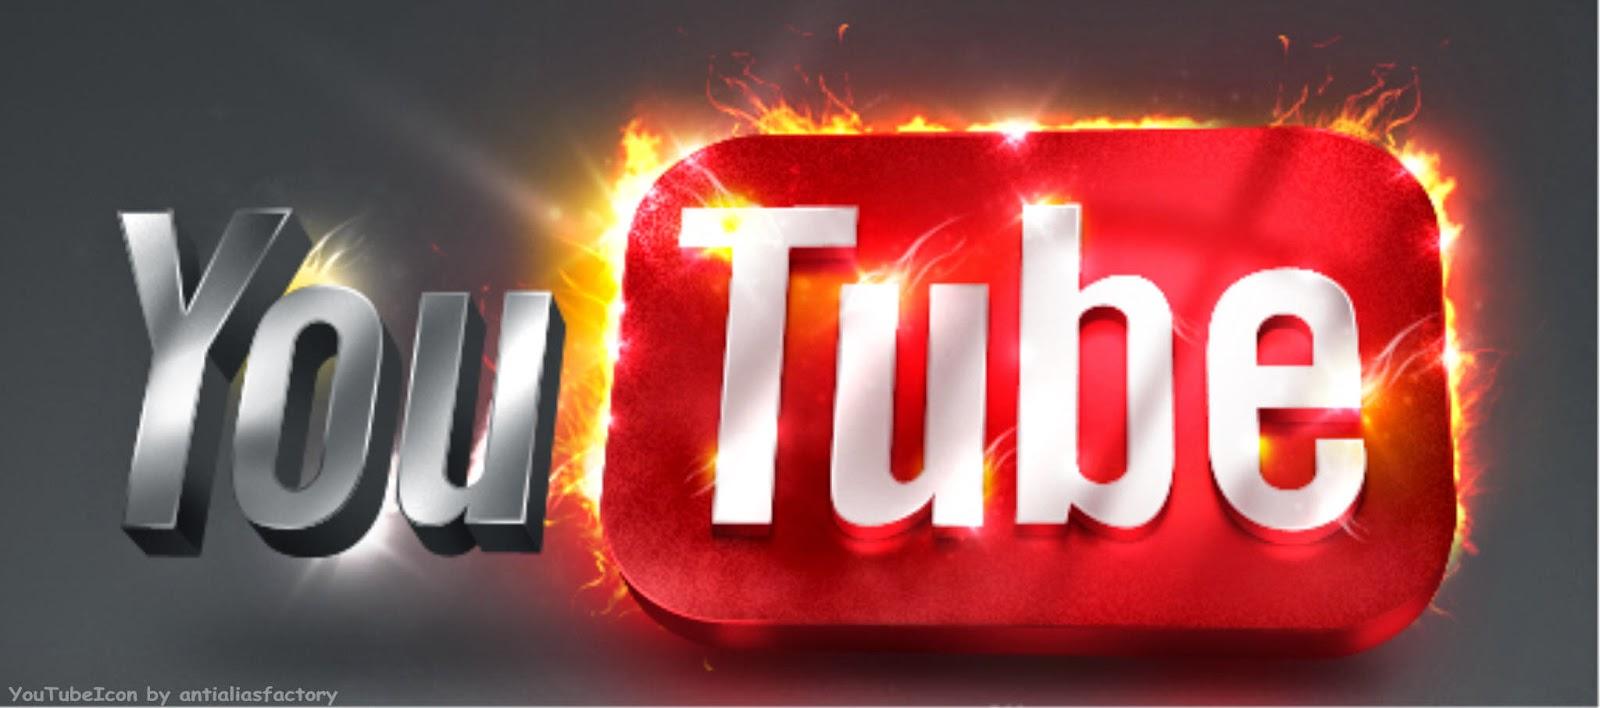 Cara Simpel, Mudah, Cepat Download Video Youtube dalam 1 Menit